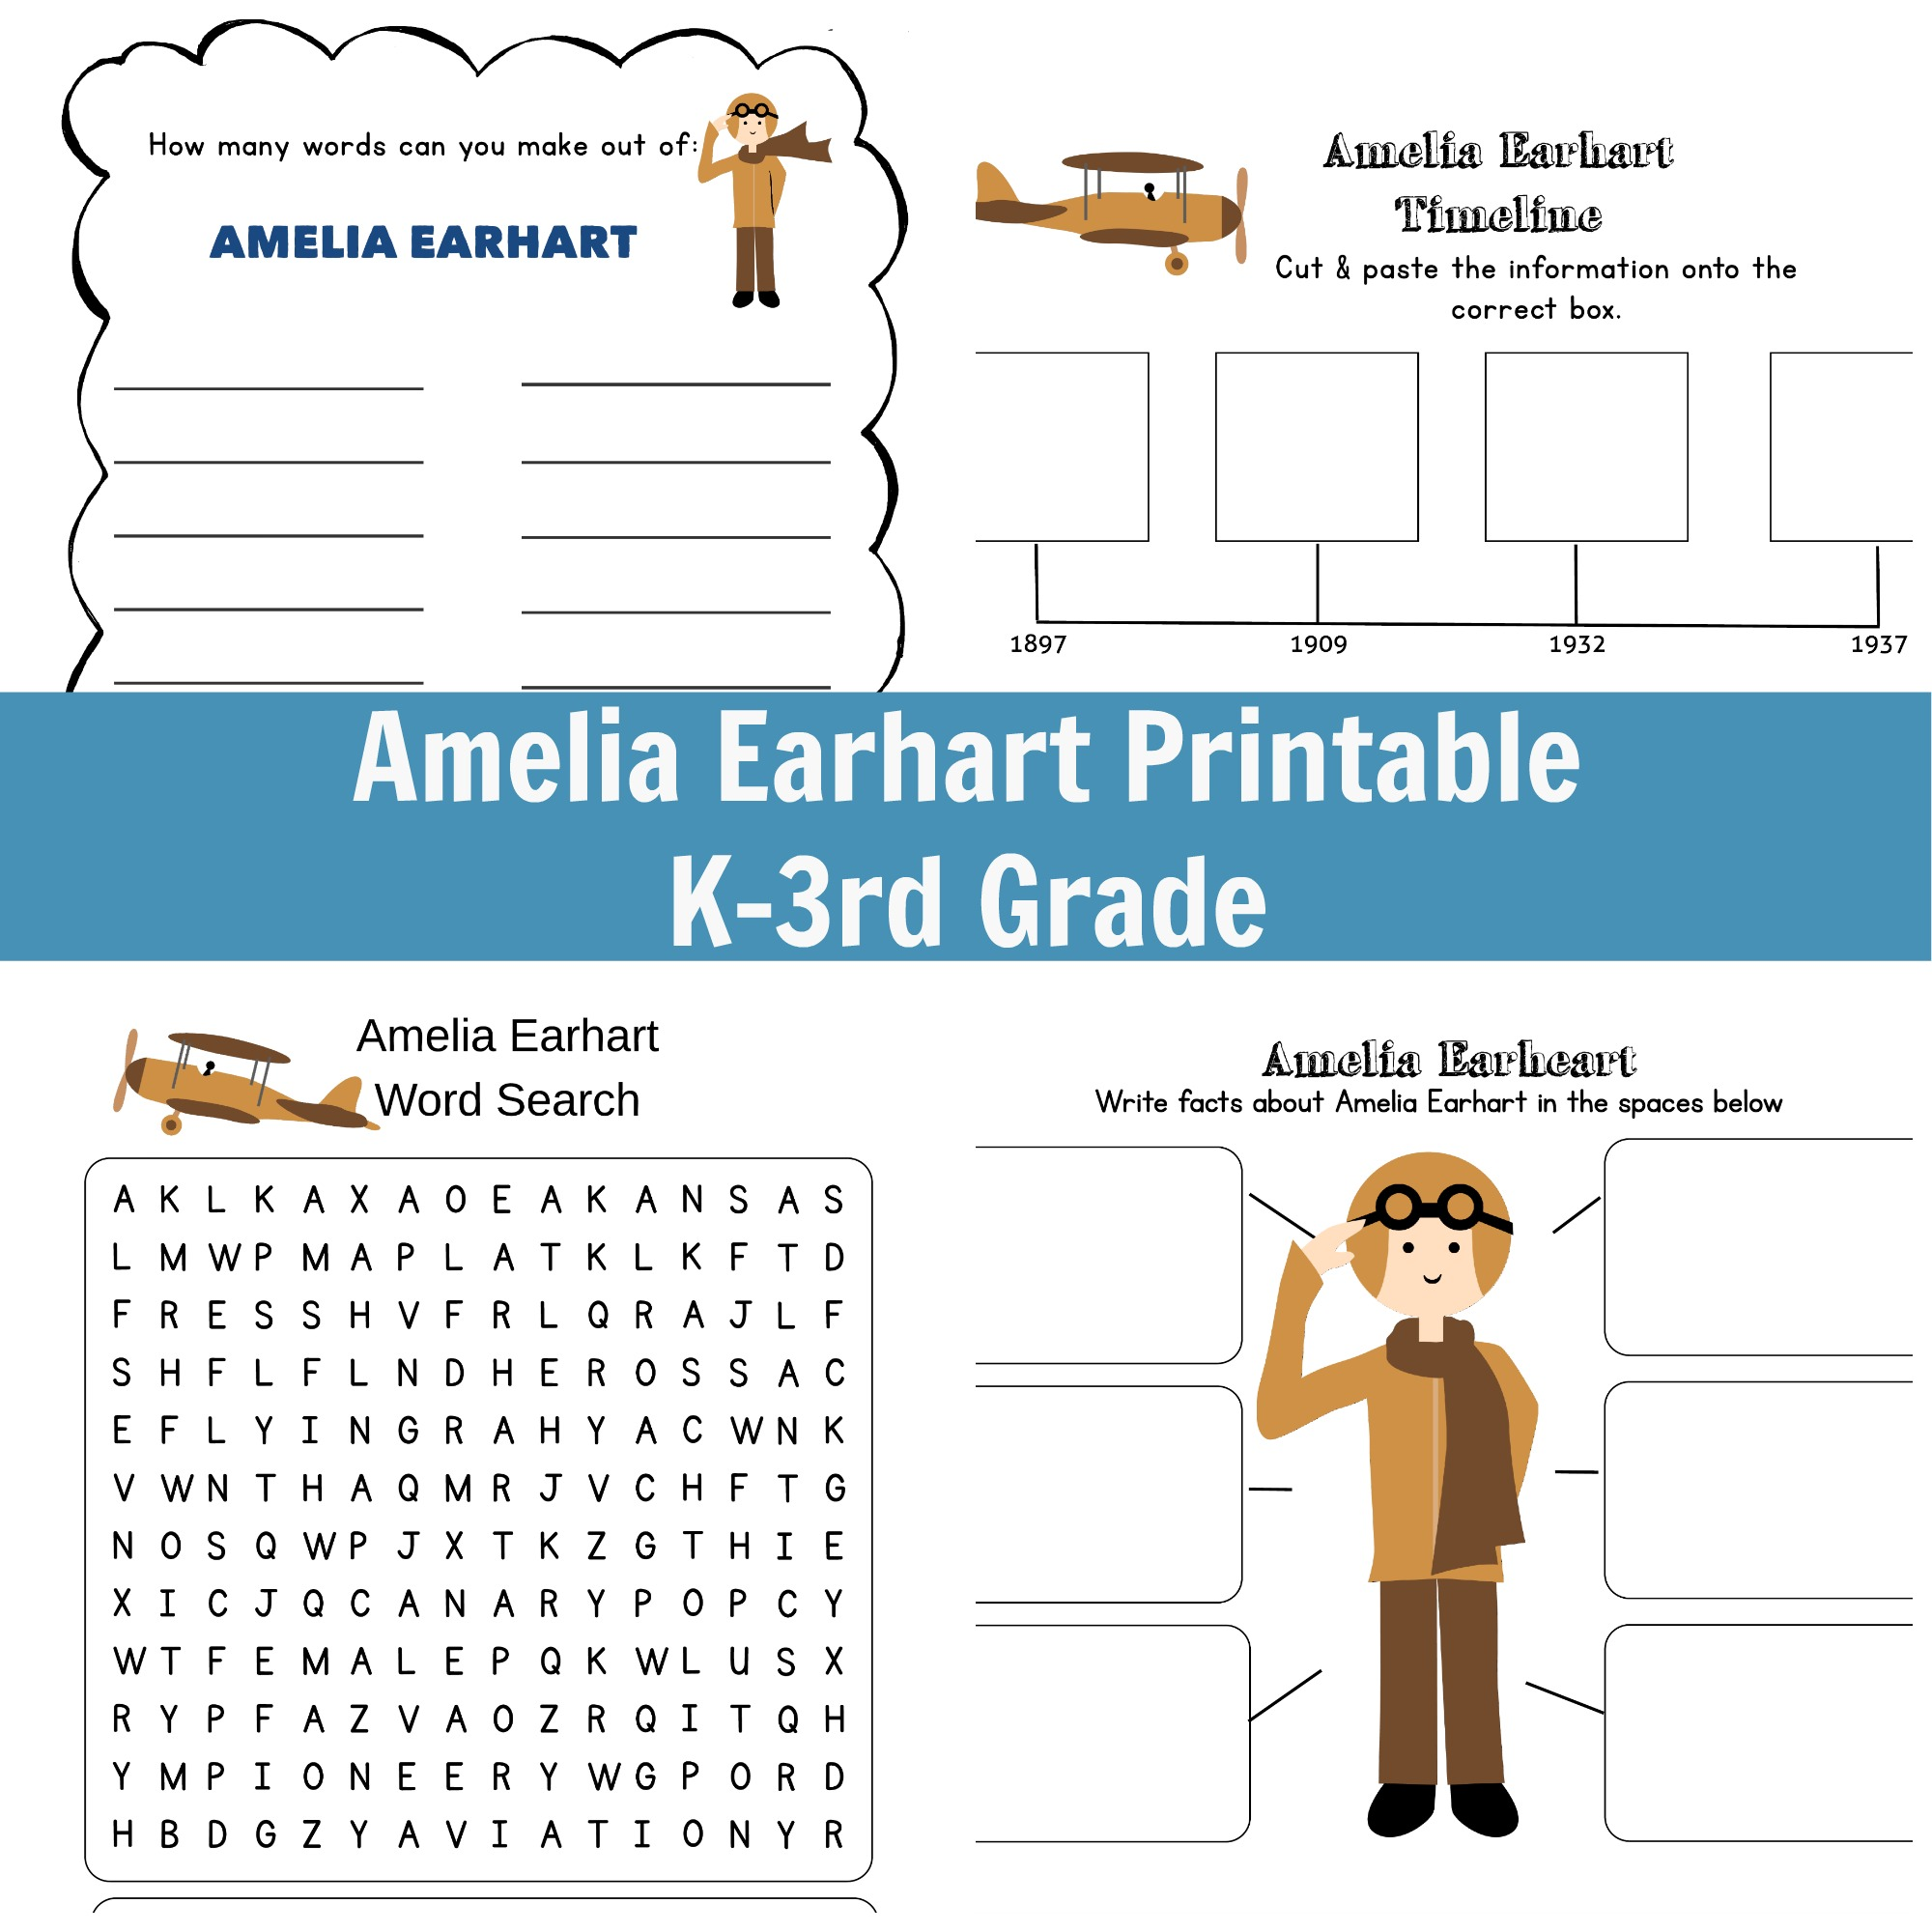 Amelia Earhart Printable